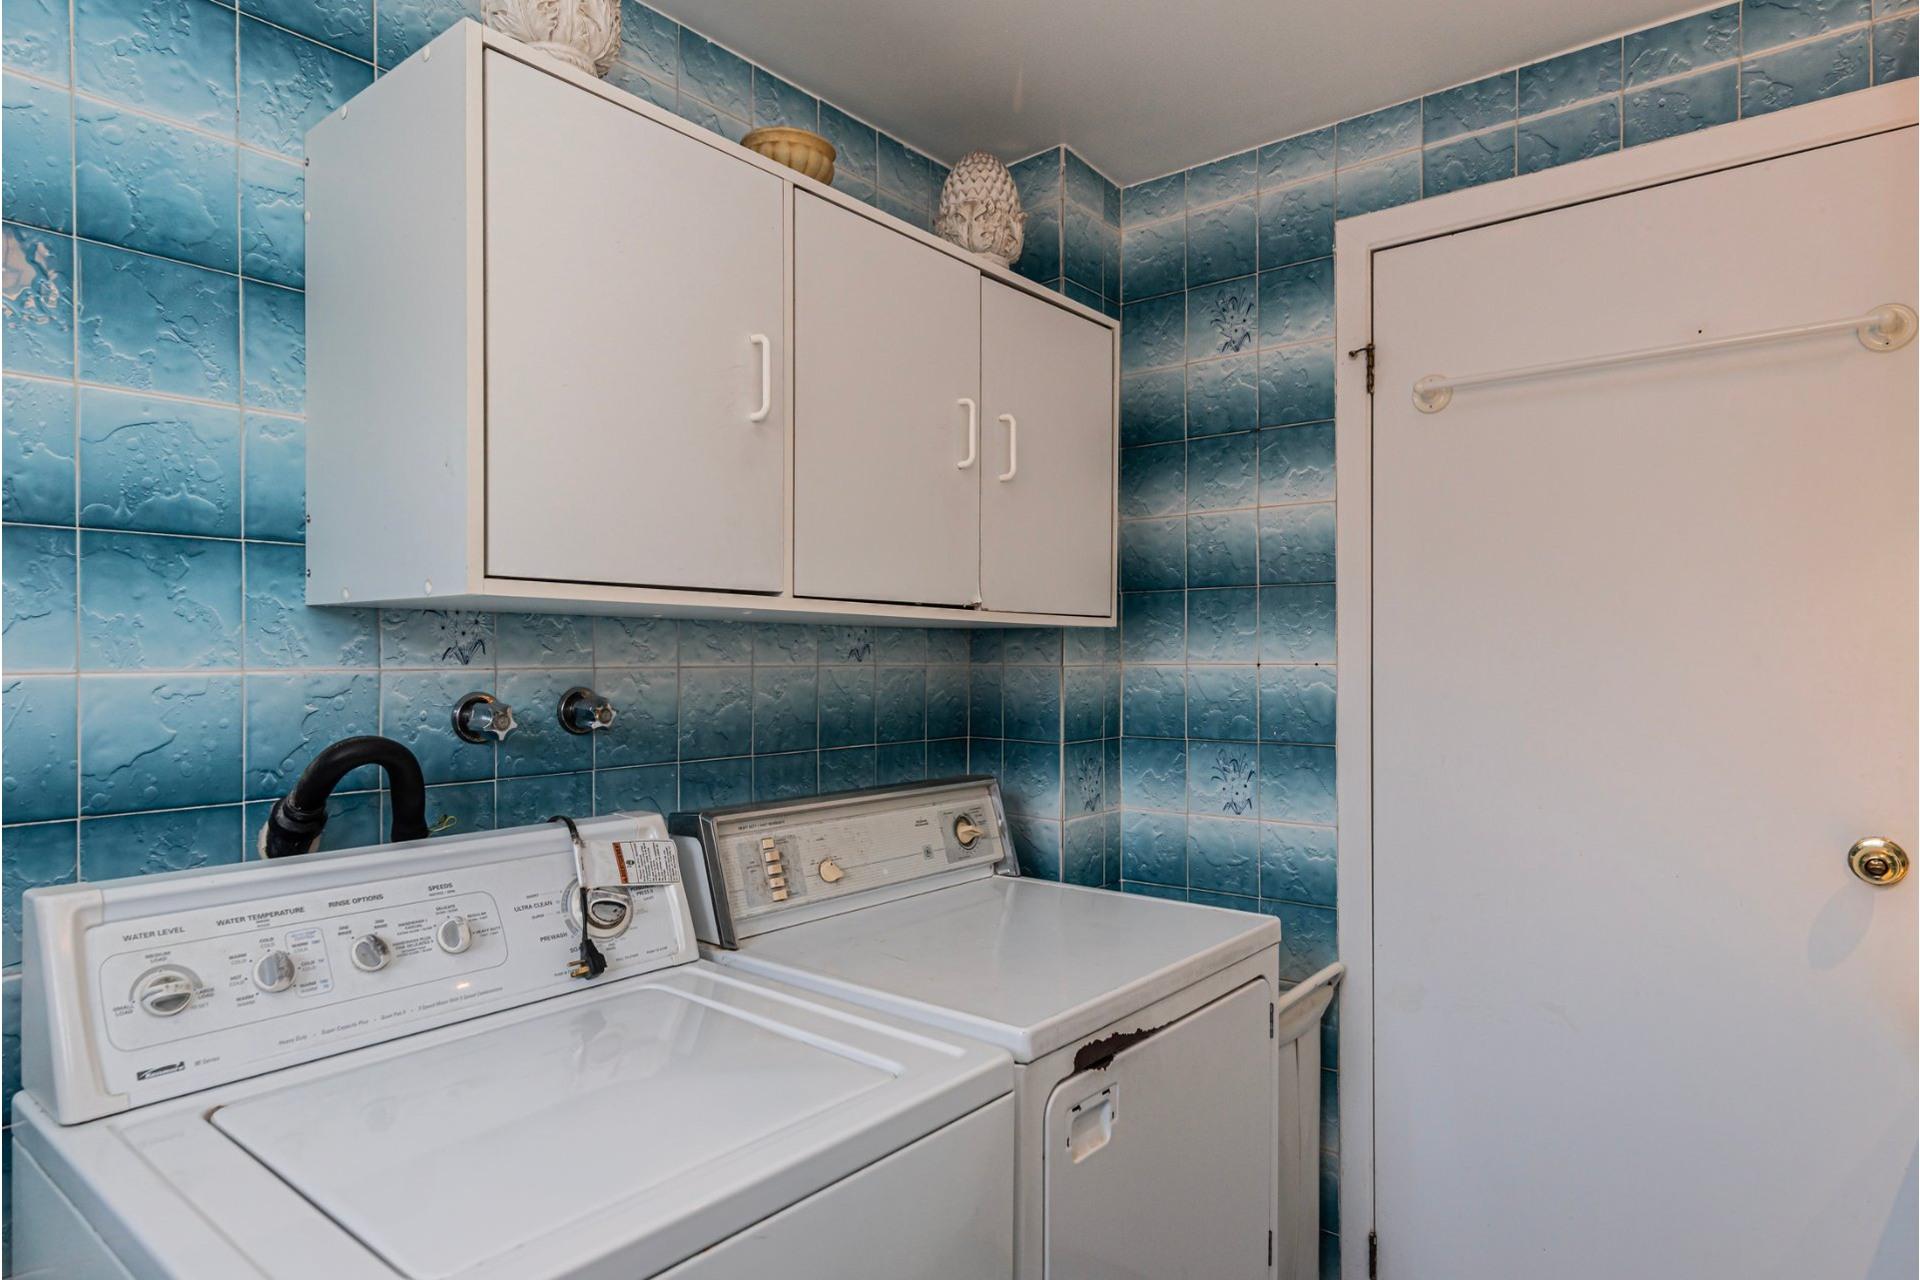 image 39 - Duplex For sale Saint-Léonard Montréal  - 9 rooms